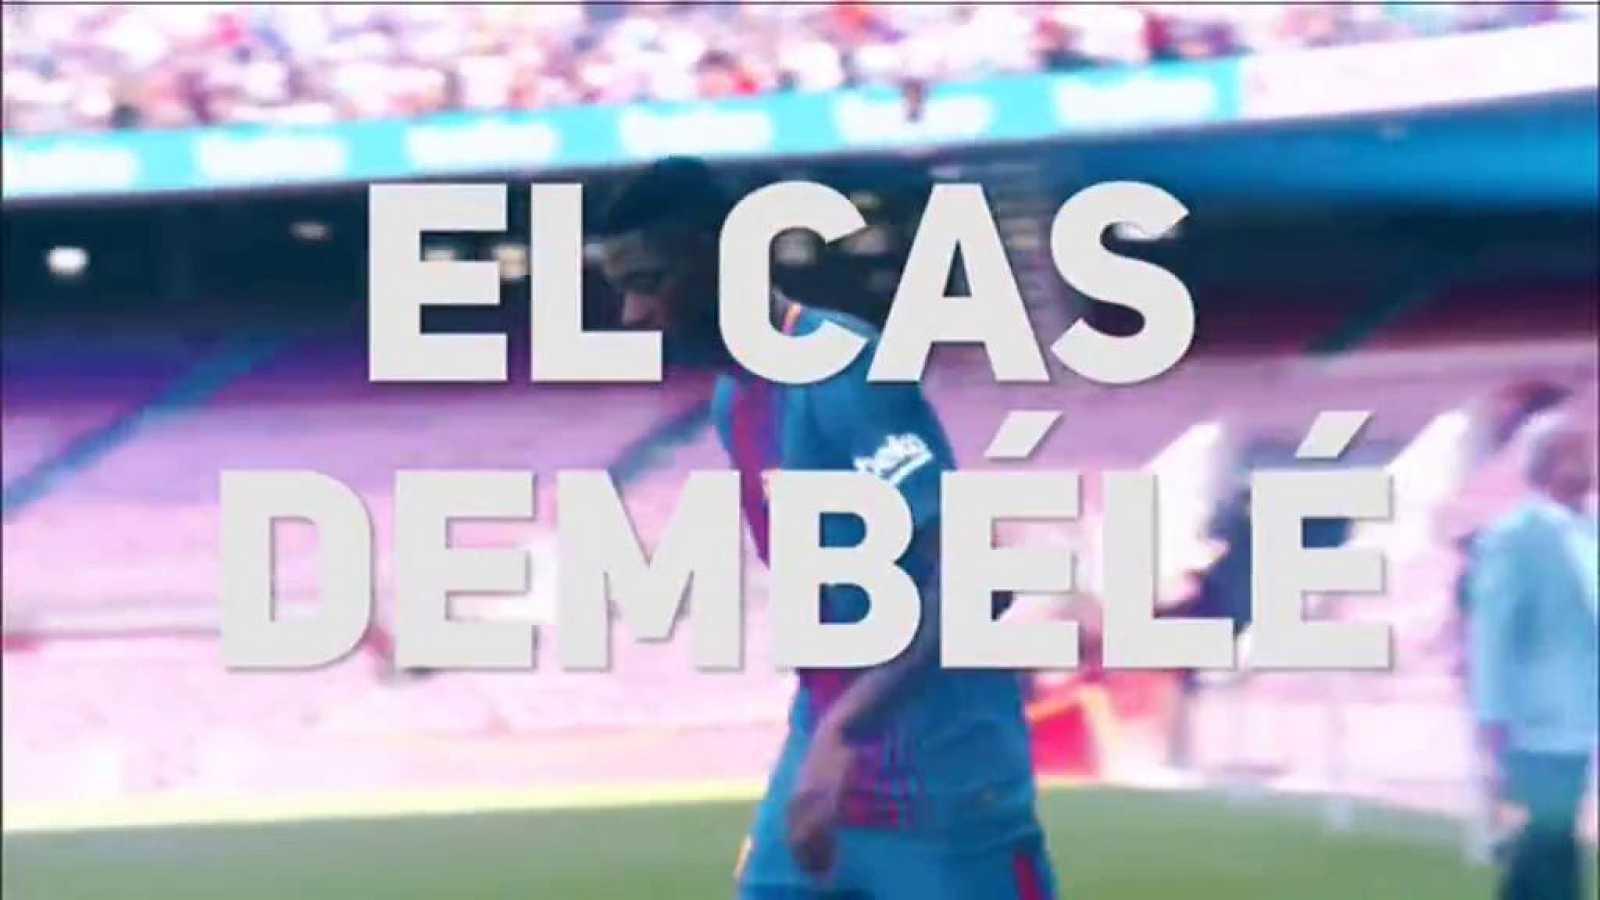 Imatges del futbolista del Barça en diferents moments